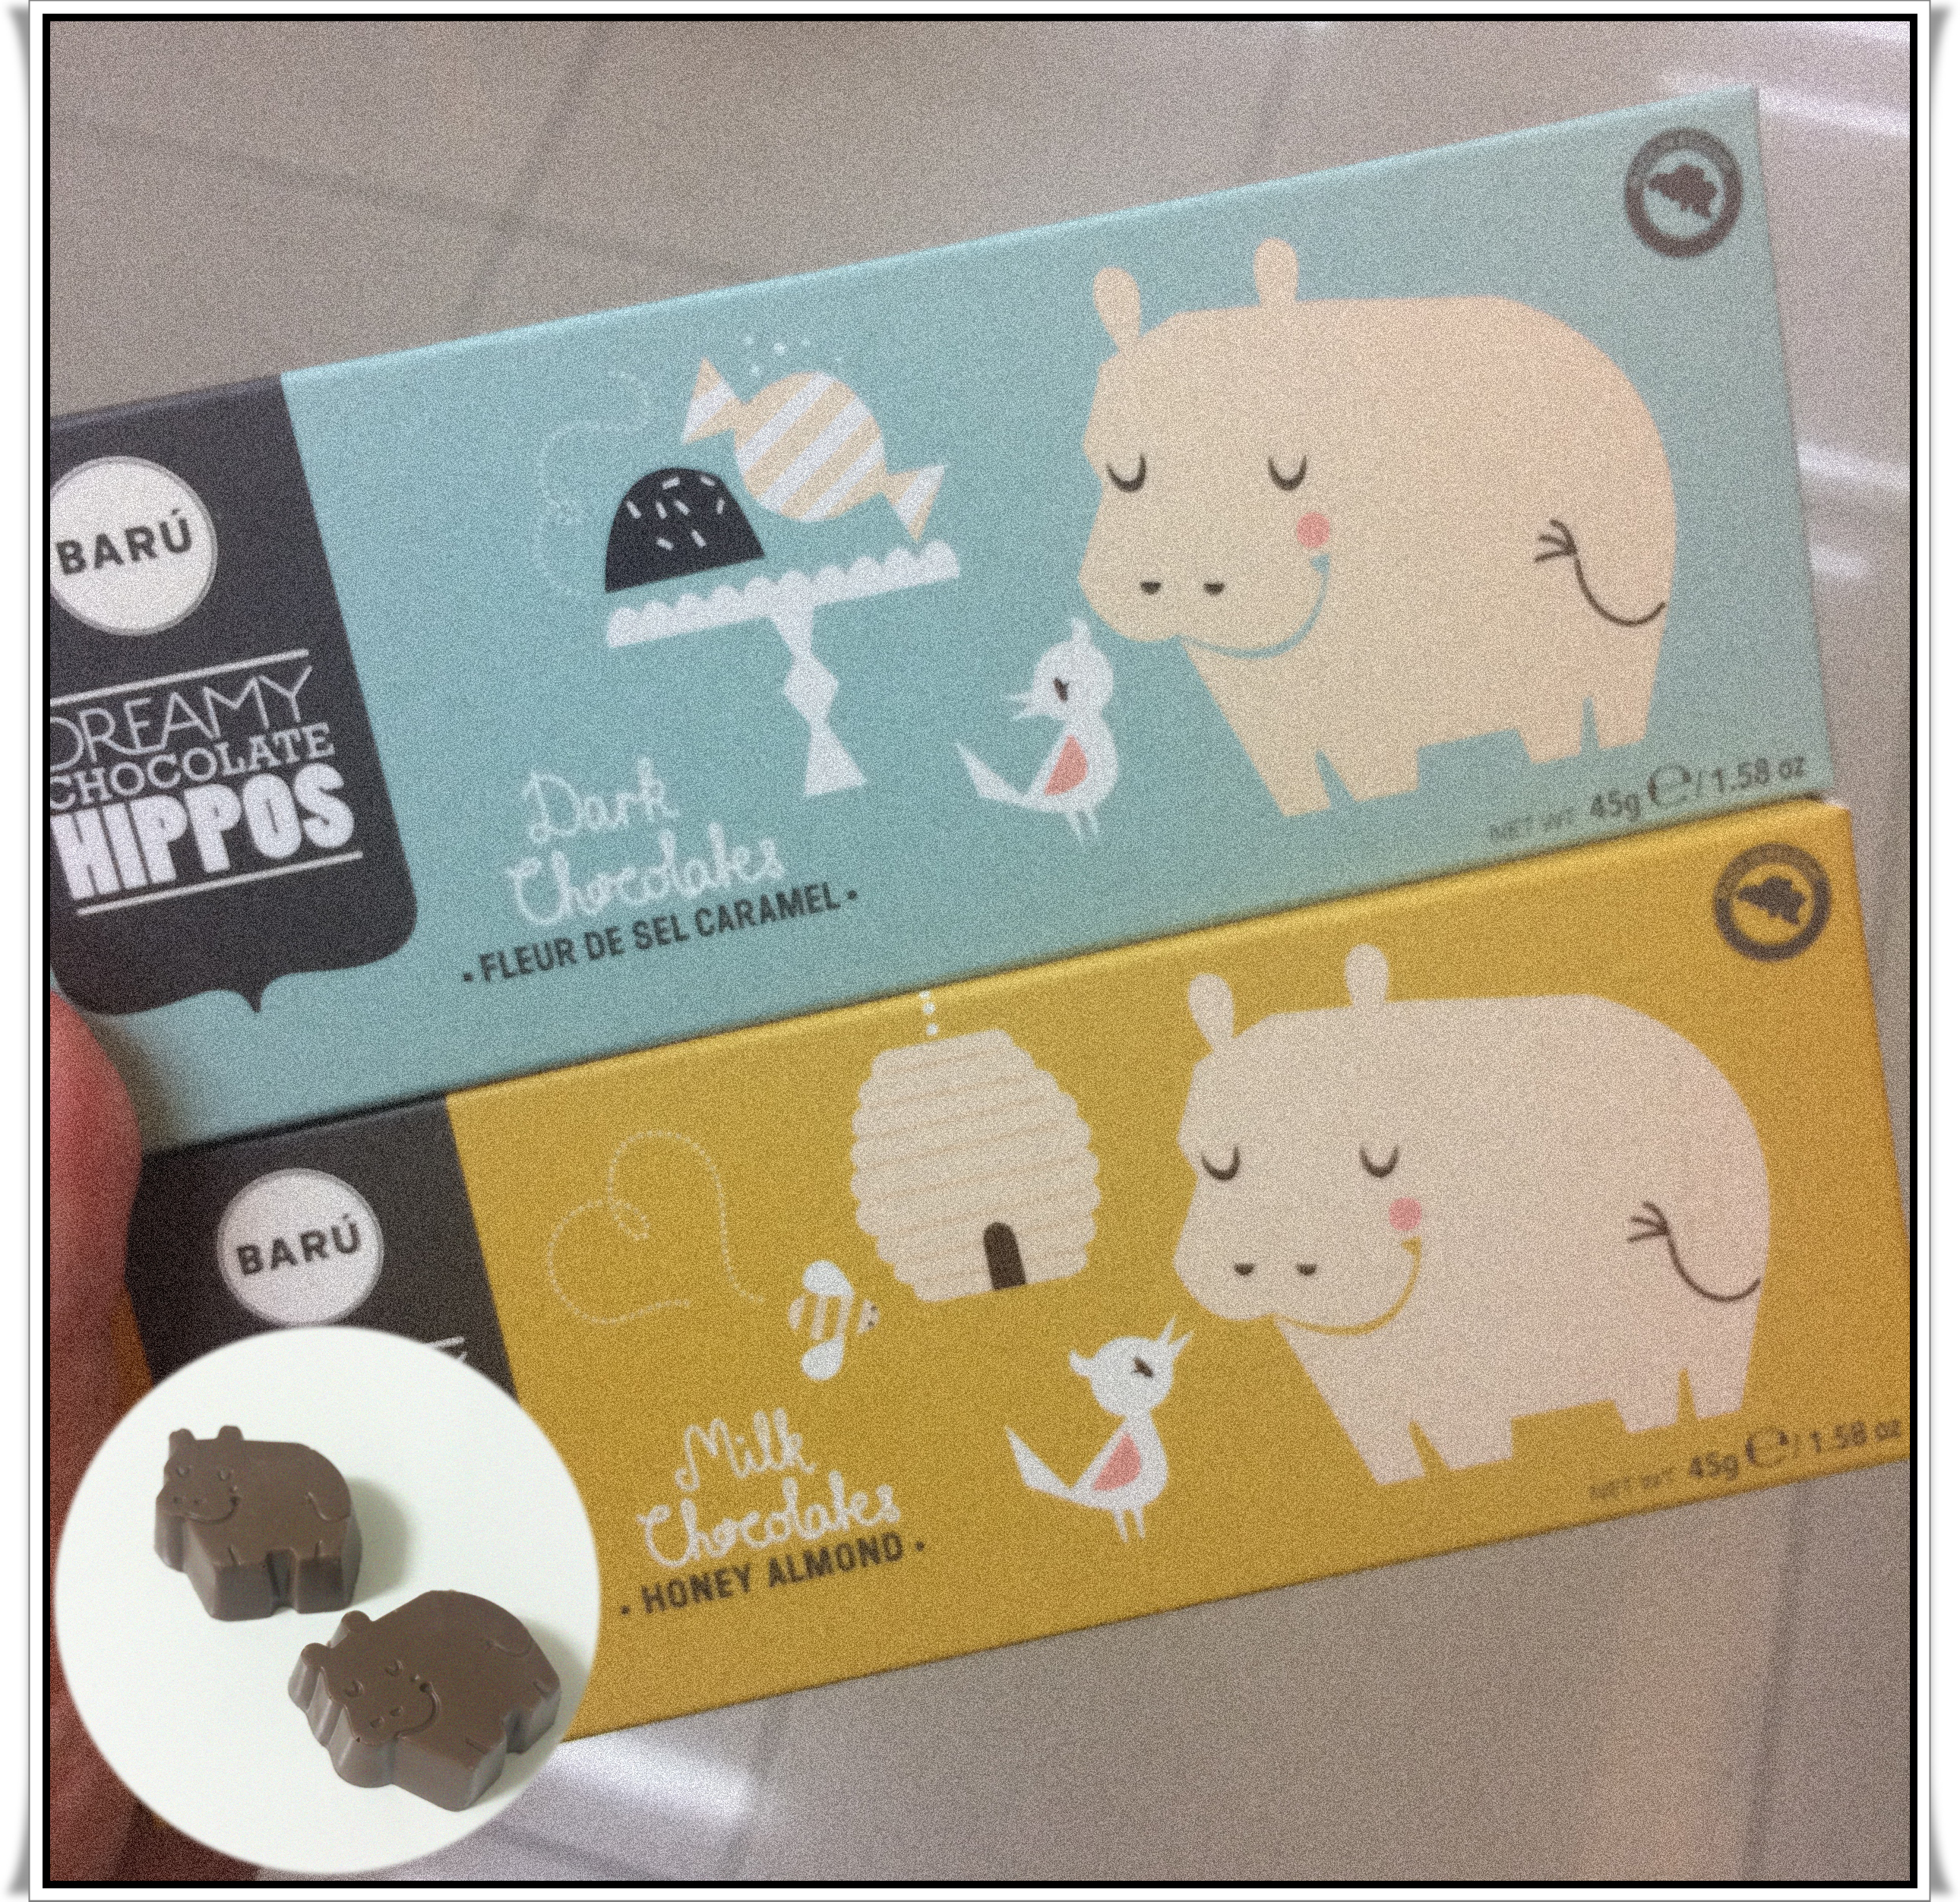 /06/BARU河馬巧克力(蜂蜜杏仁果&焦糖口味)  可以買指數:★★☆ 其實是為了可愛的河馬造型買的…就是…蠻一般的巧克力!對不愛甜食的人來說嘗鮮一顆即可~